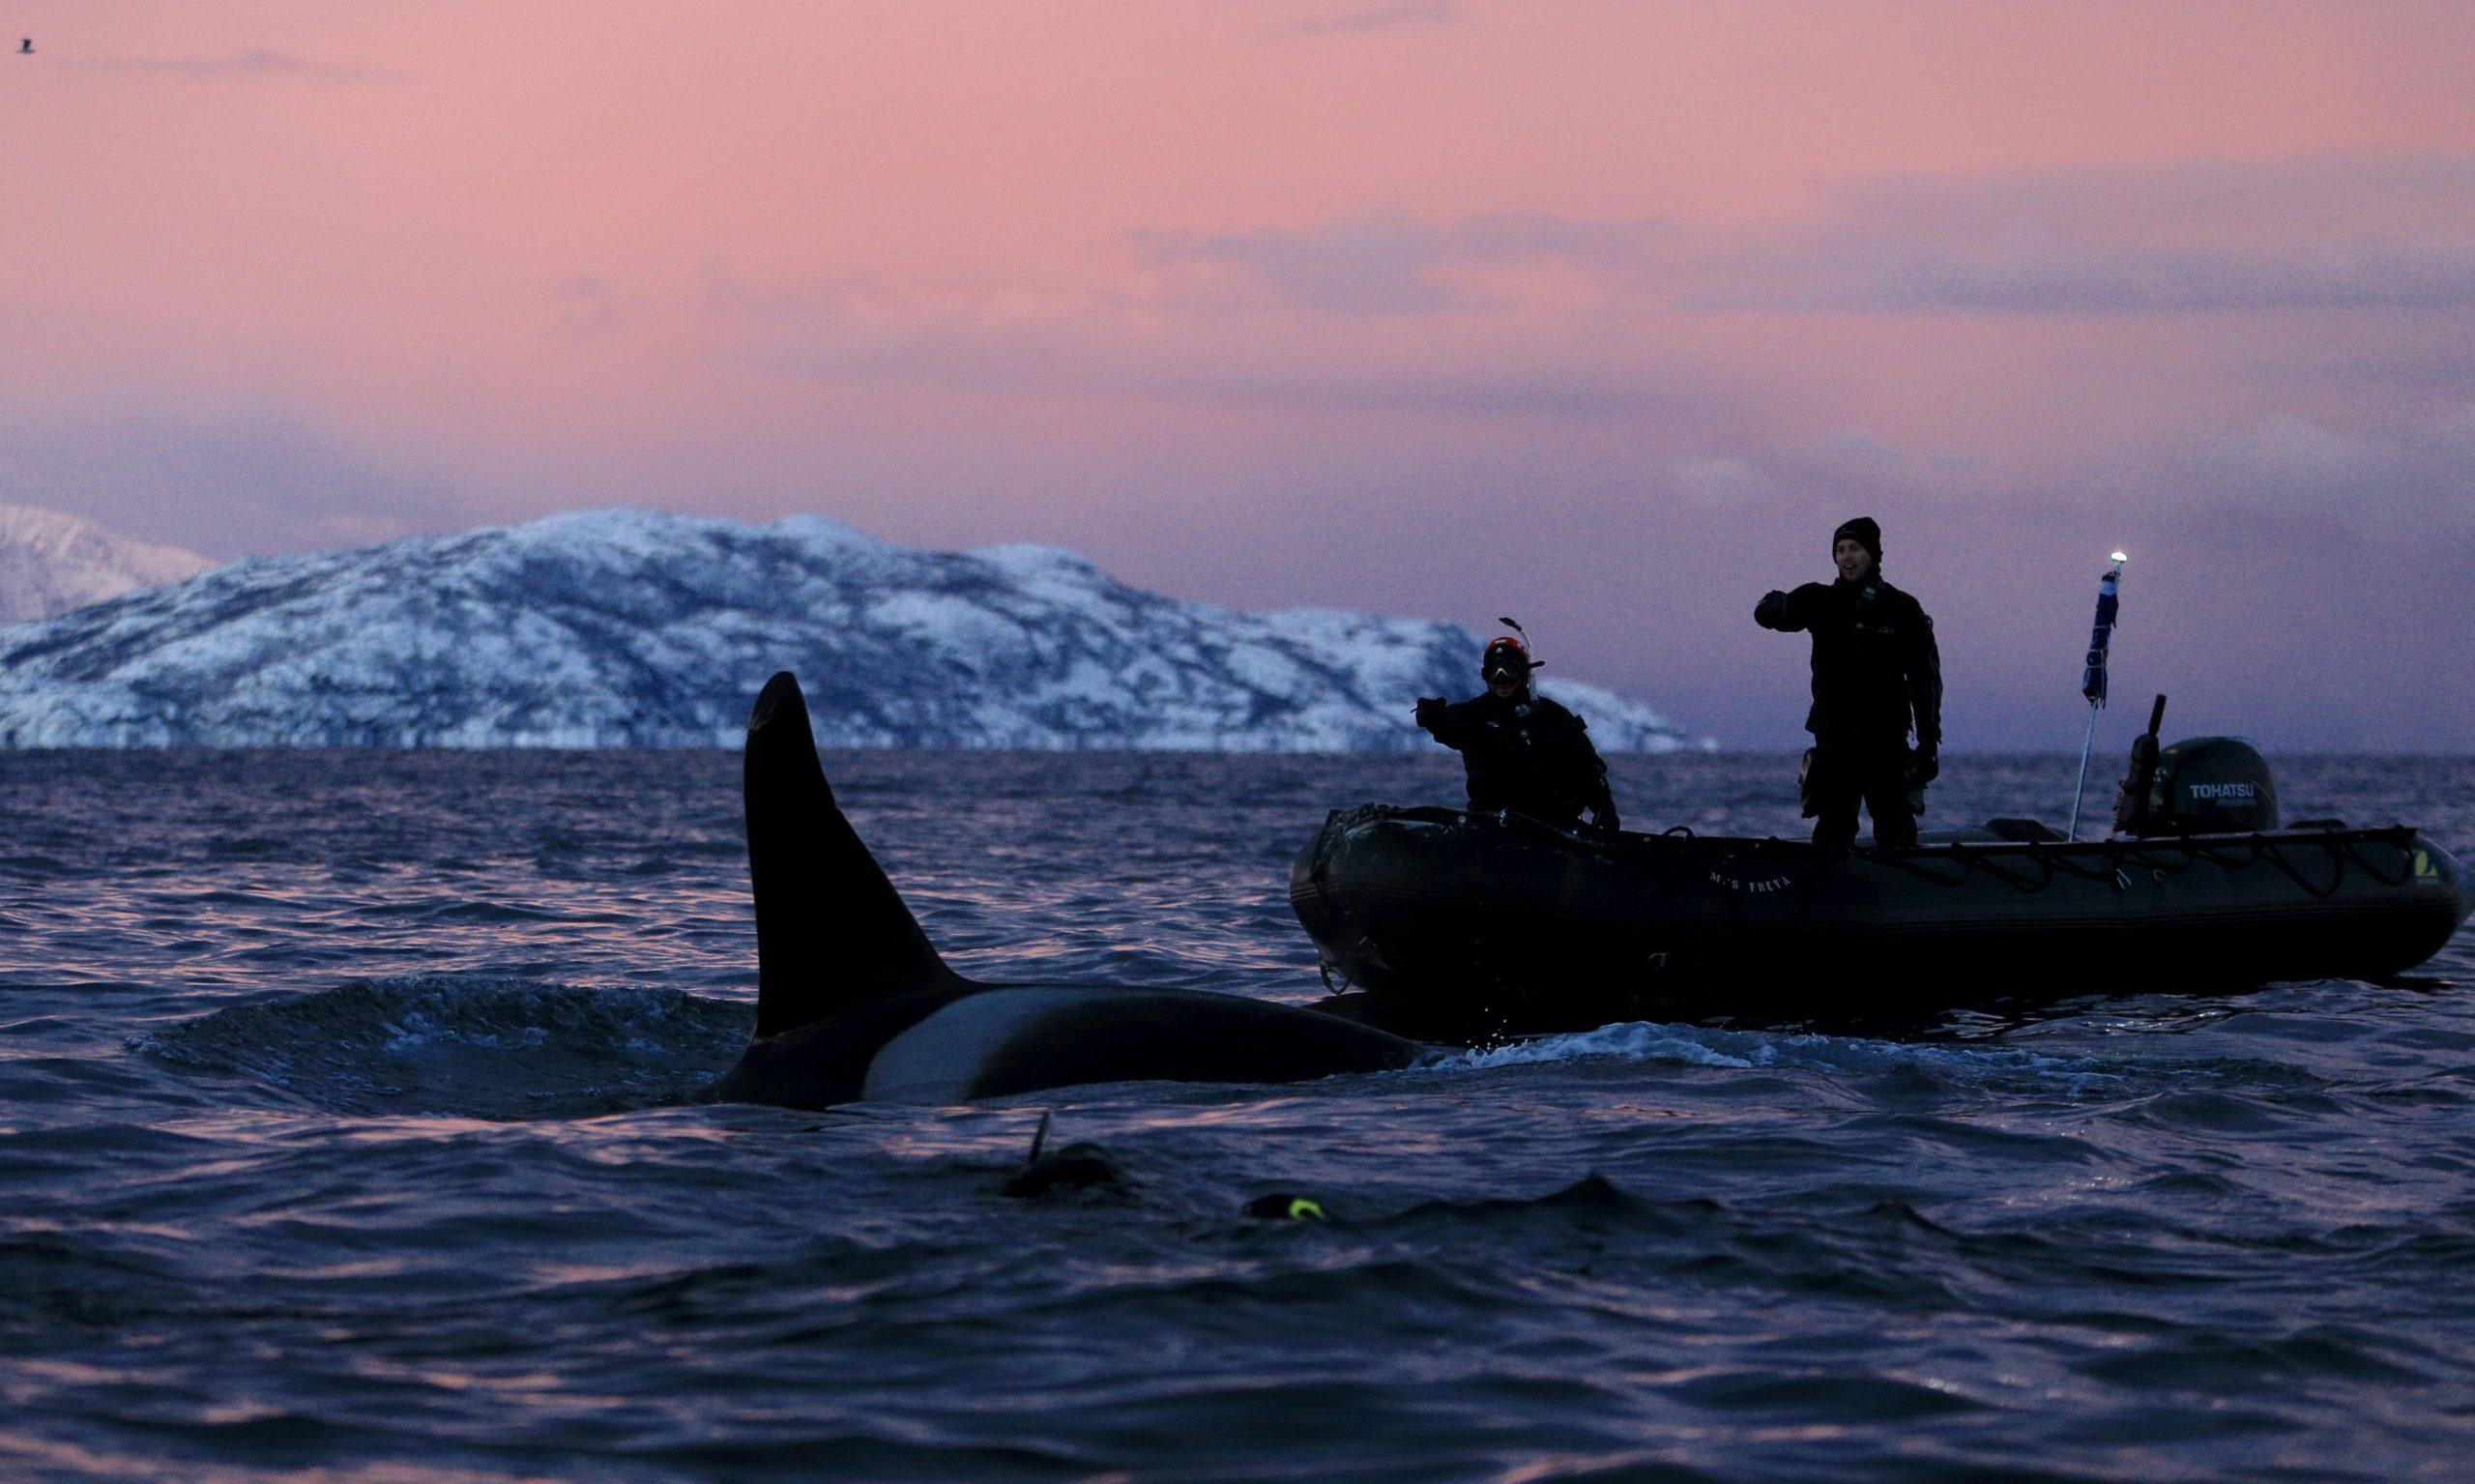 Orca Norway - Li Jun